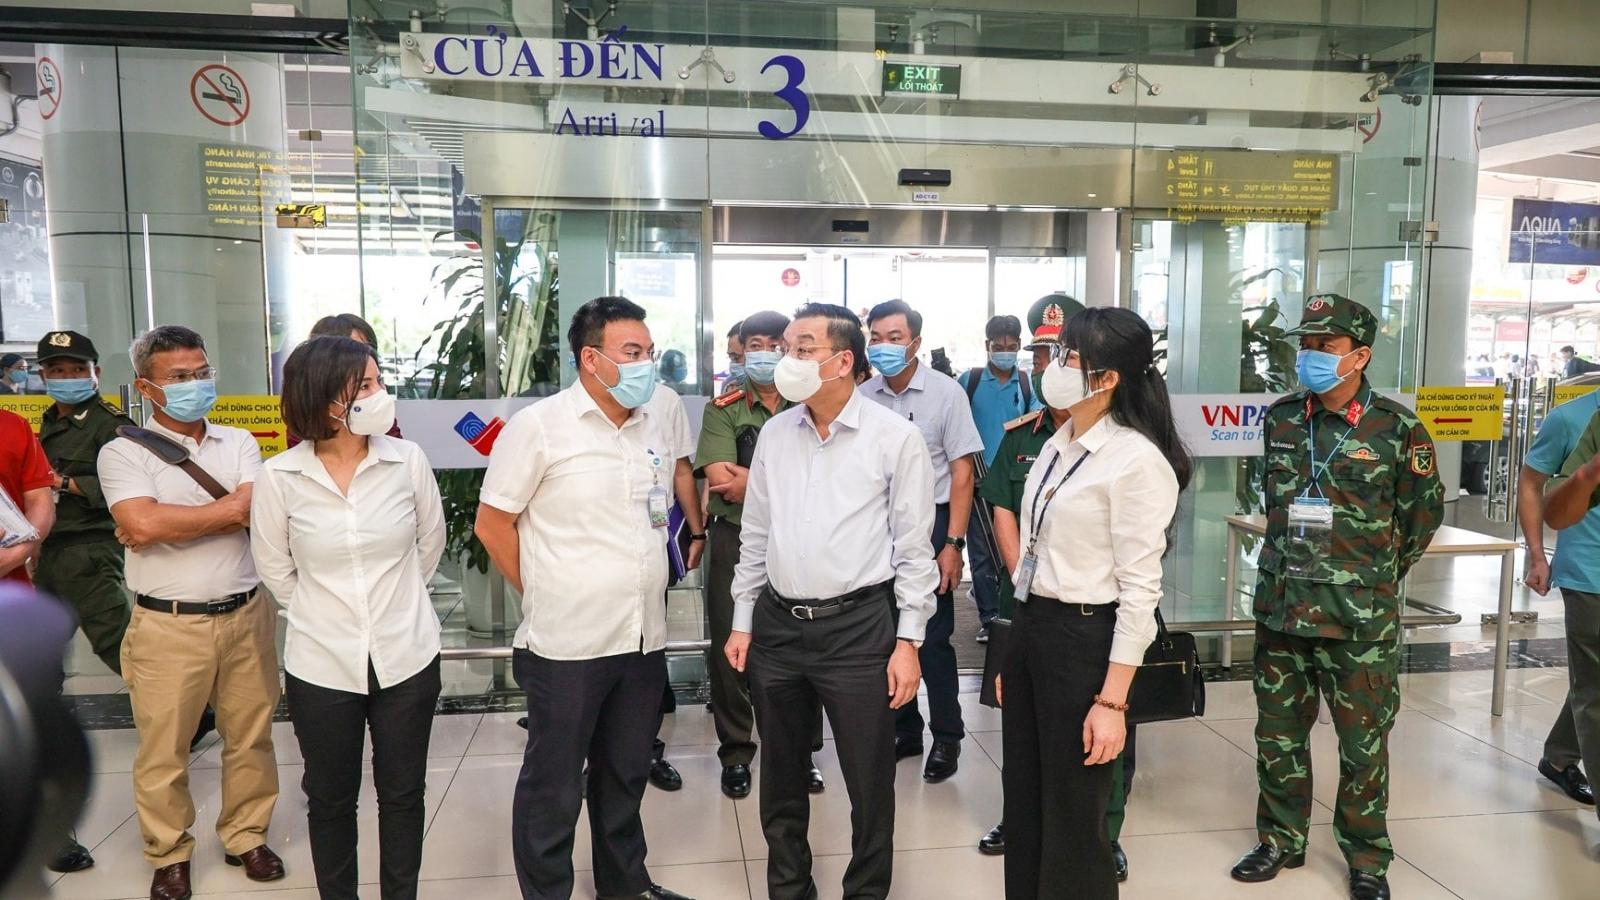 Chủ tịch UBND TP Hà Nội trực tiếp kiểm tra công tác phòng dịch tại sân bay, bến xe